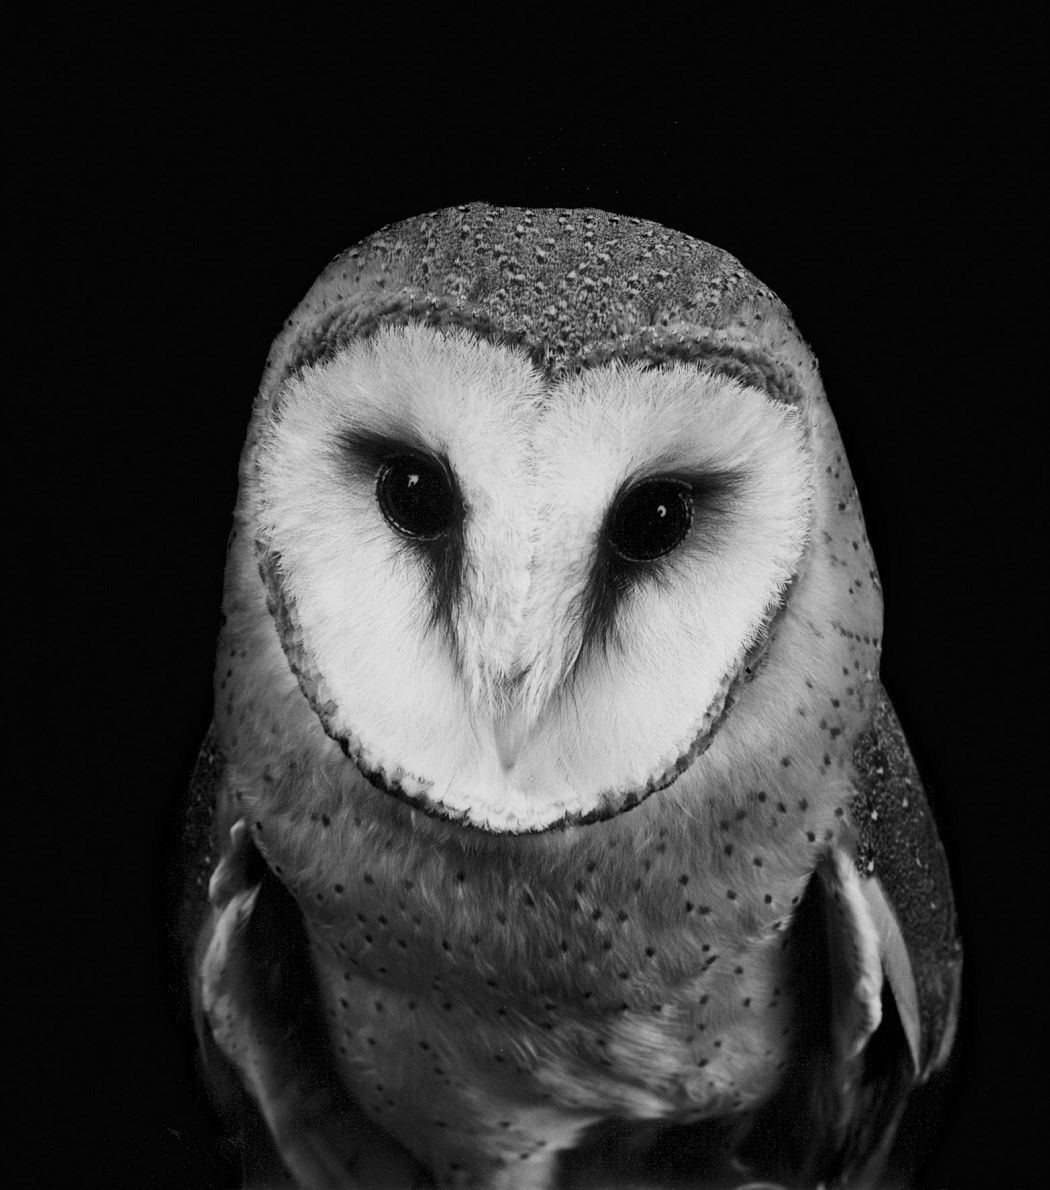 © Walter Schels: Animals